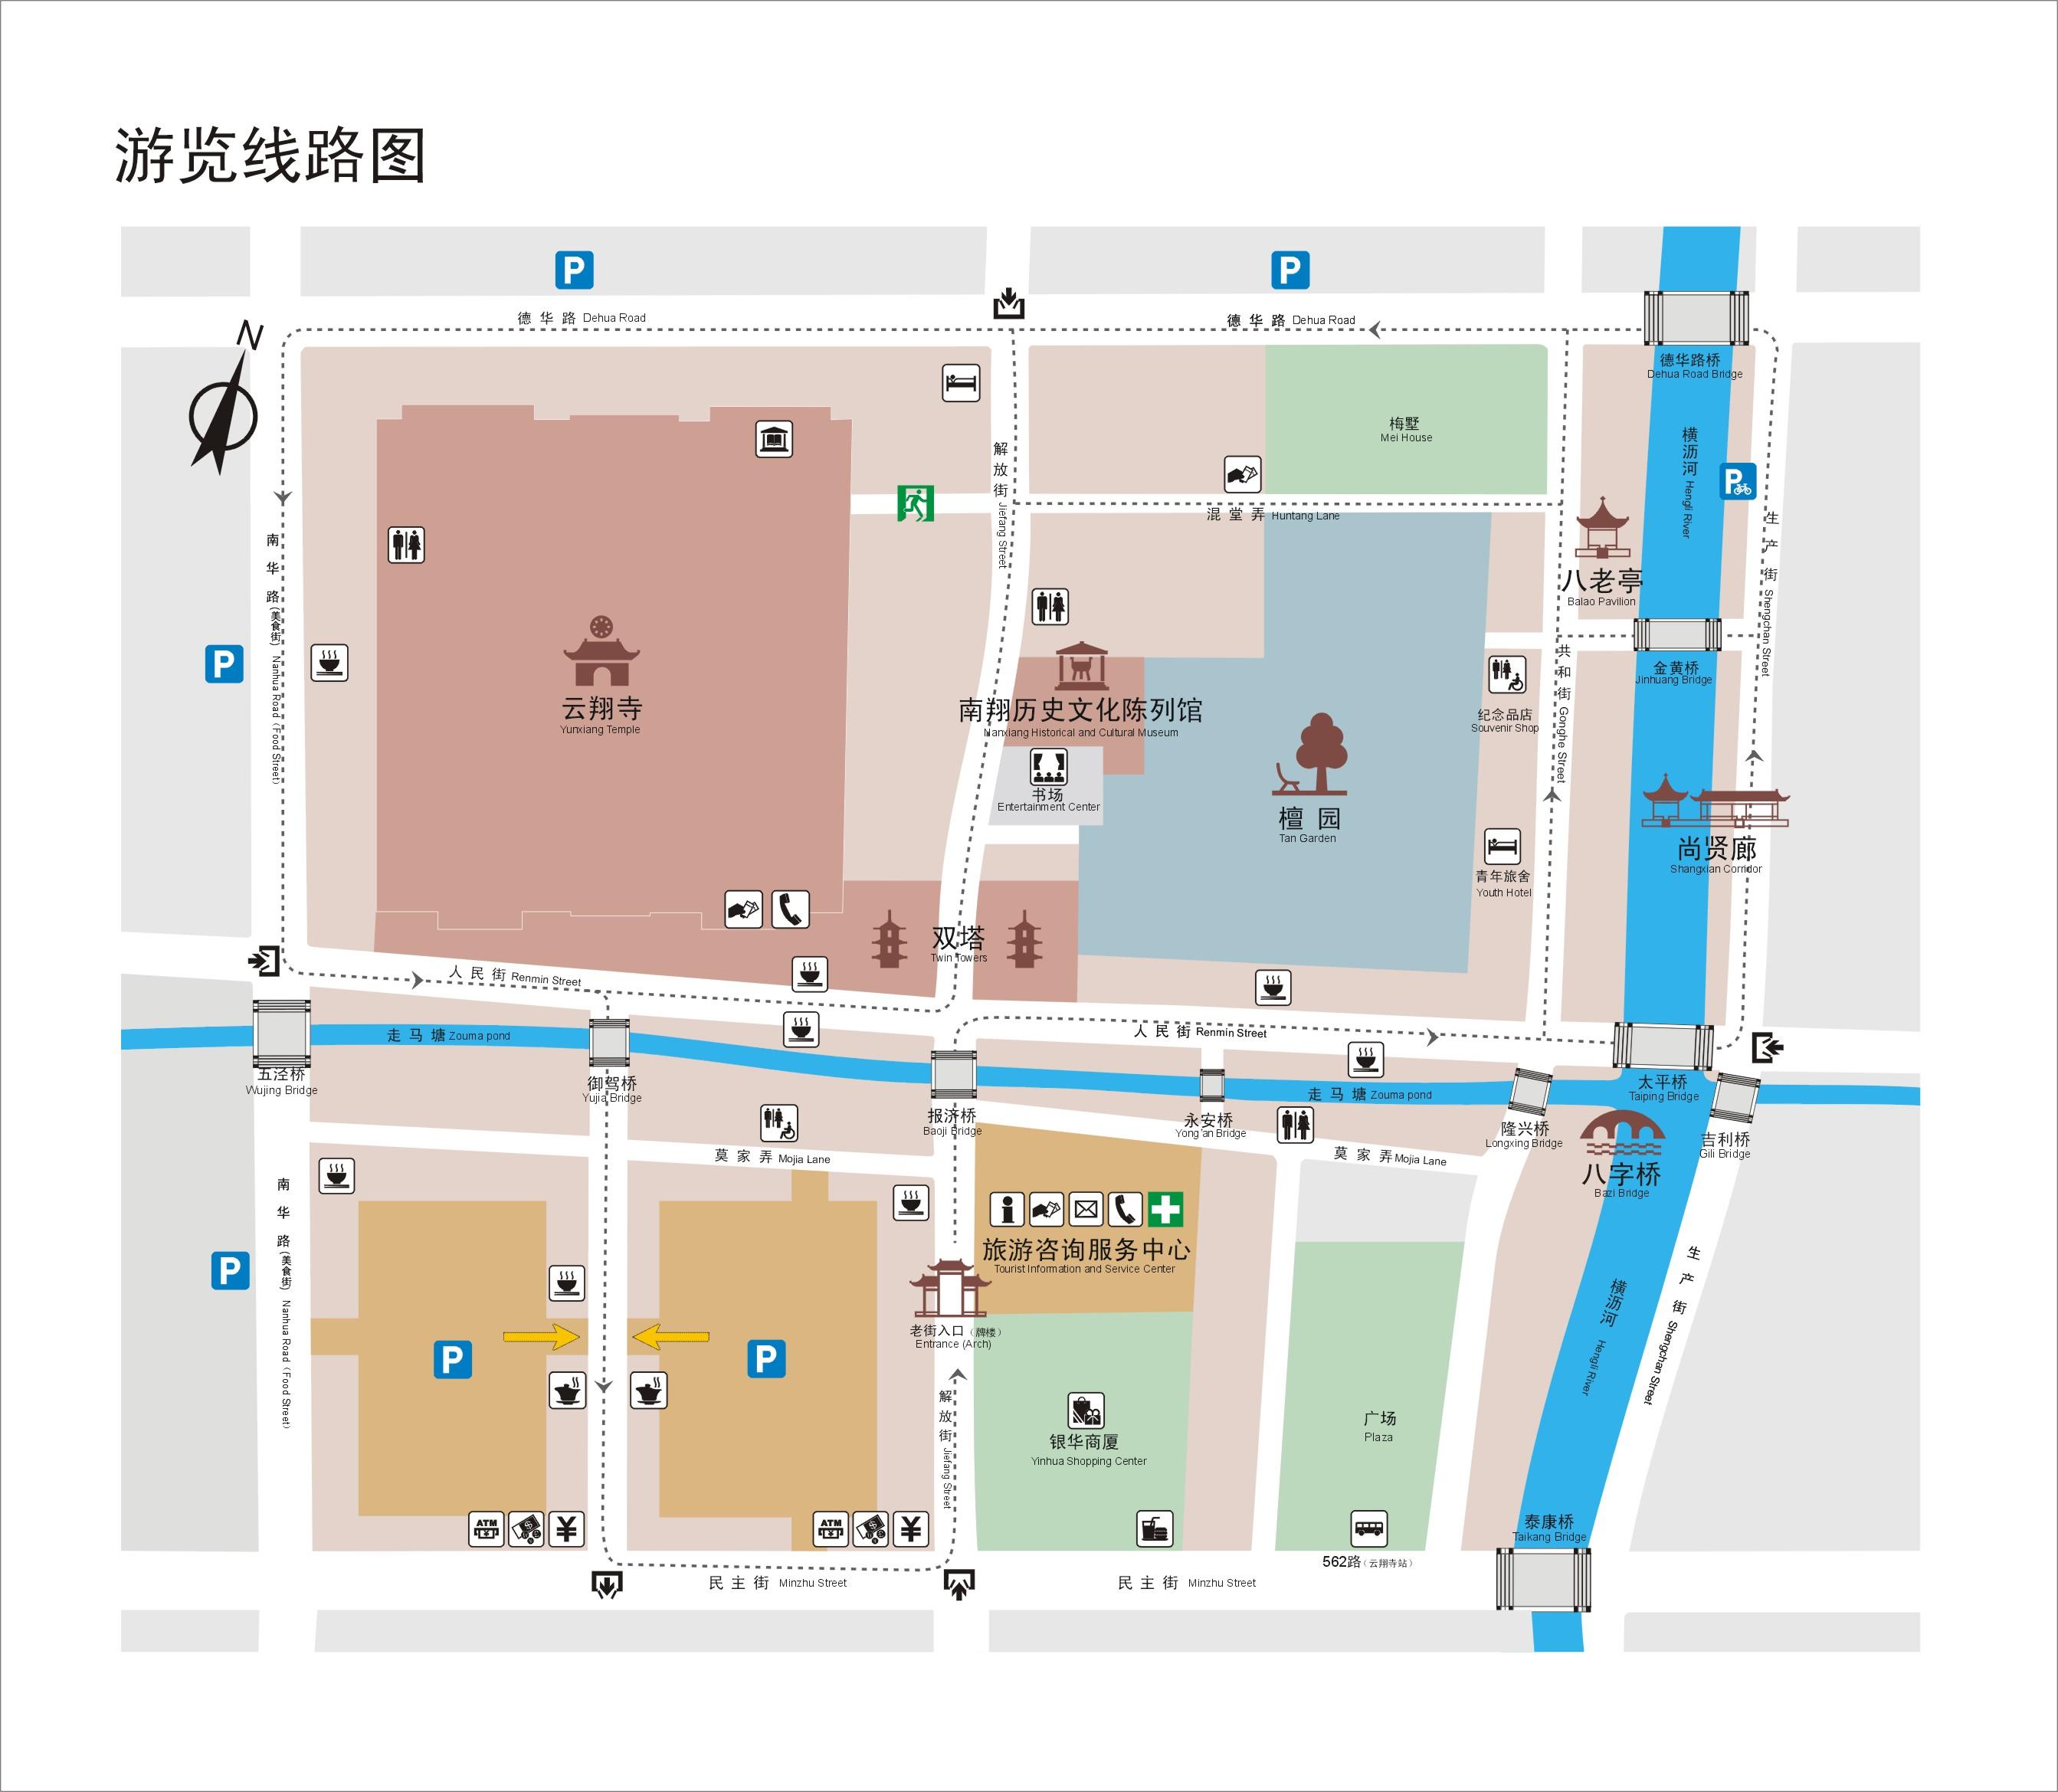 南翔老街平面图 @ 南翔老街官网